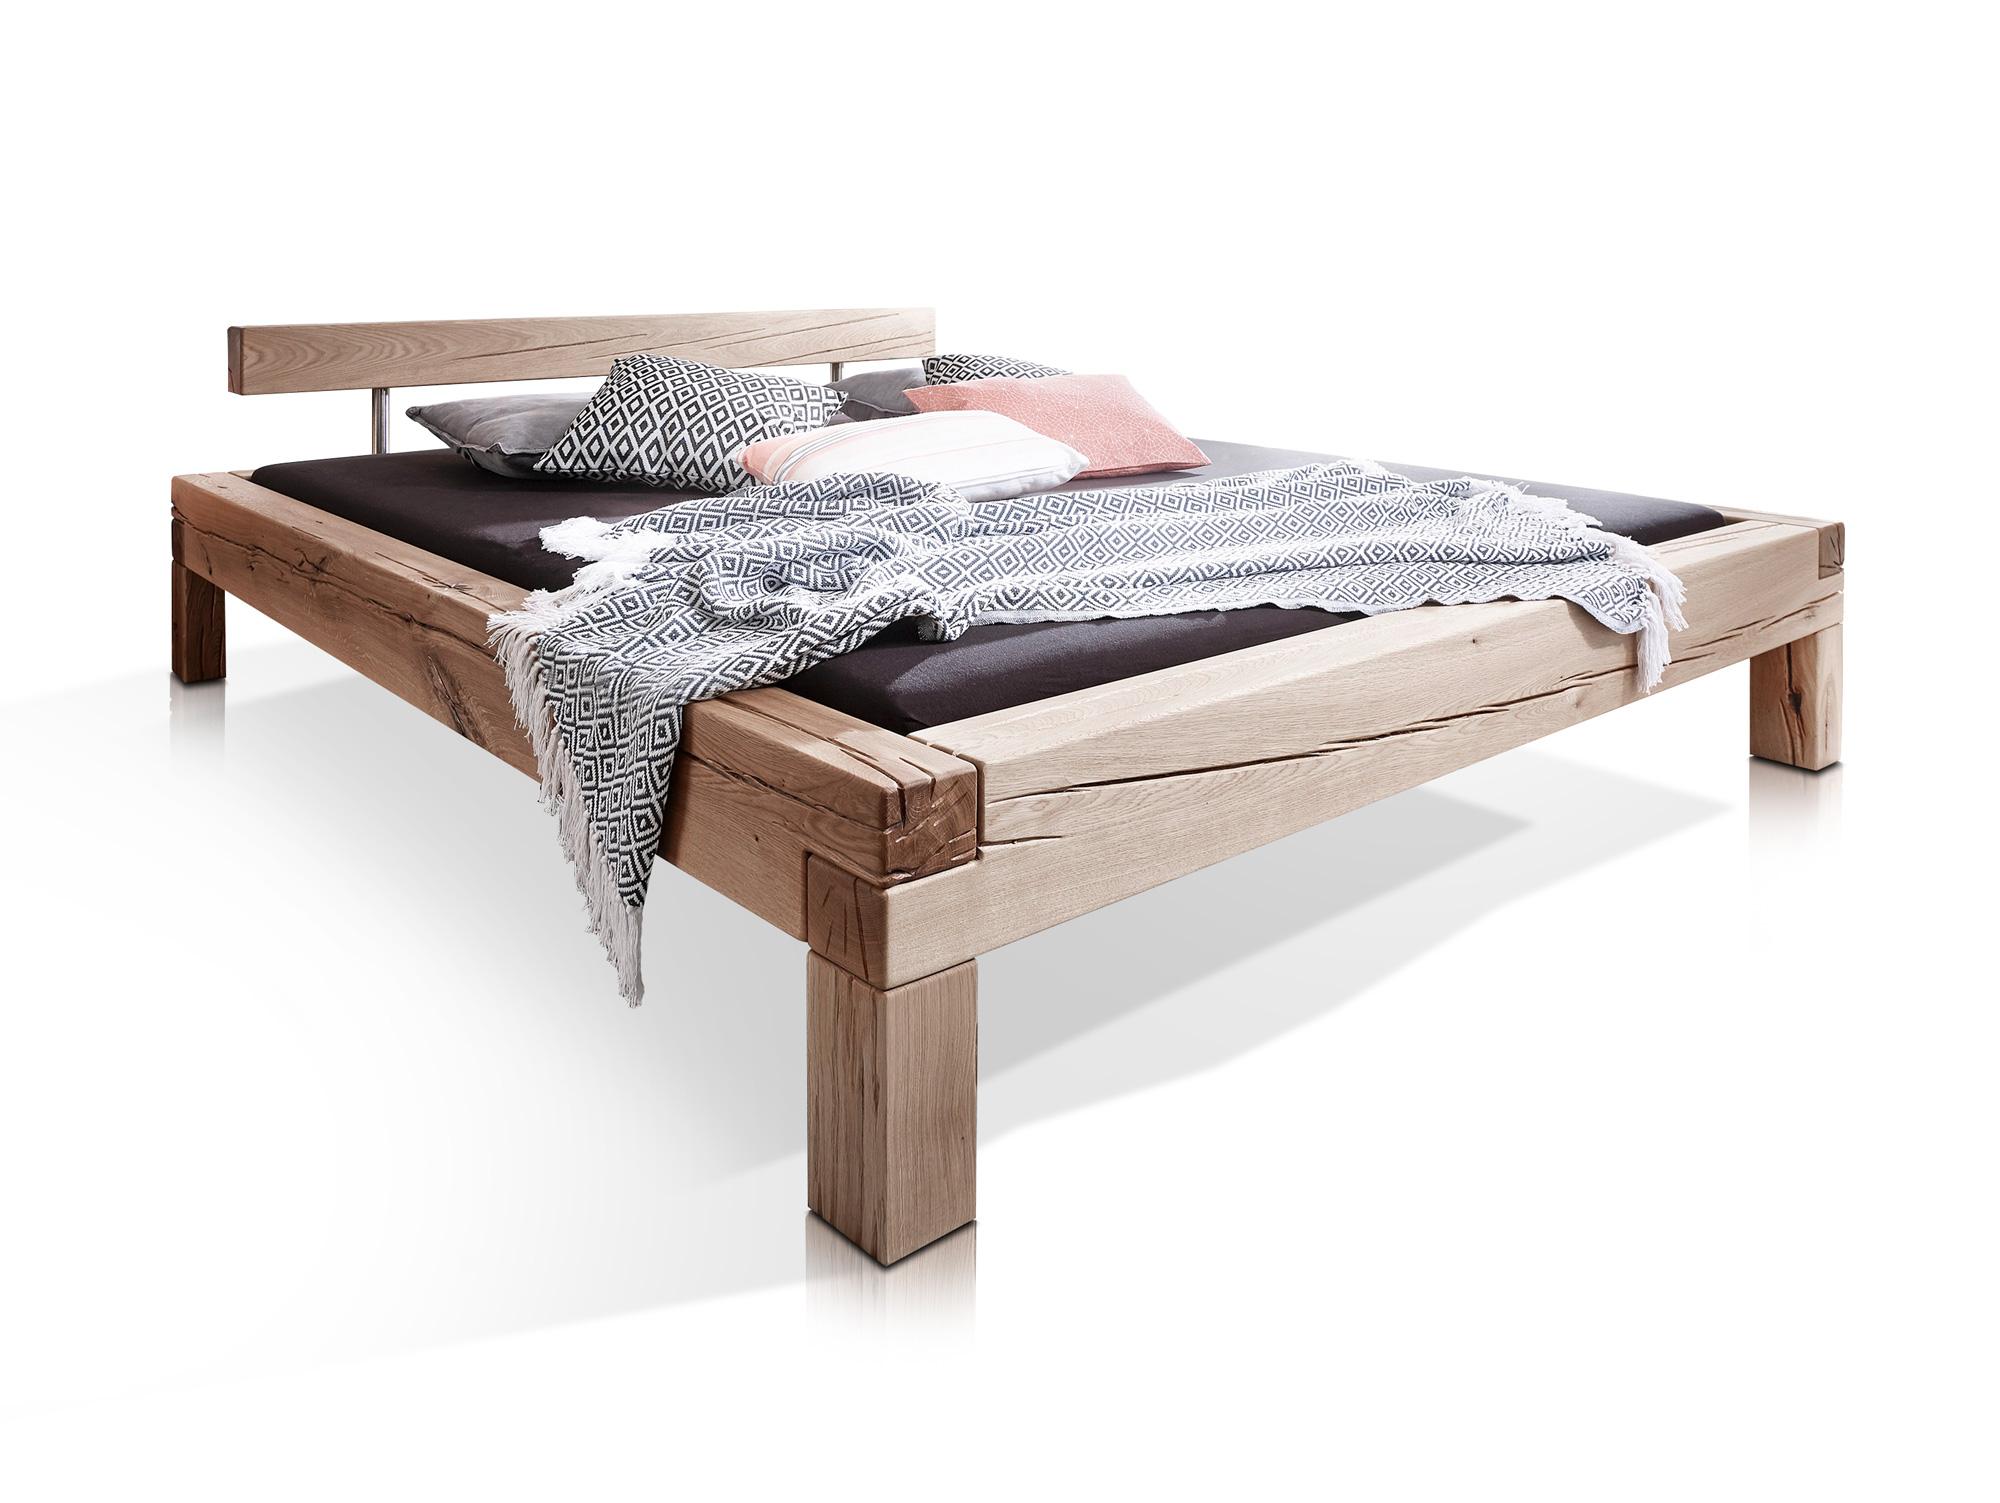 lukas massivholzbett doppelbett bett eiche hell massiv inkl kopfteil 180x200 ebay. Black Bedroom Furniture Sets. Home Design Ideas